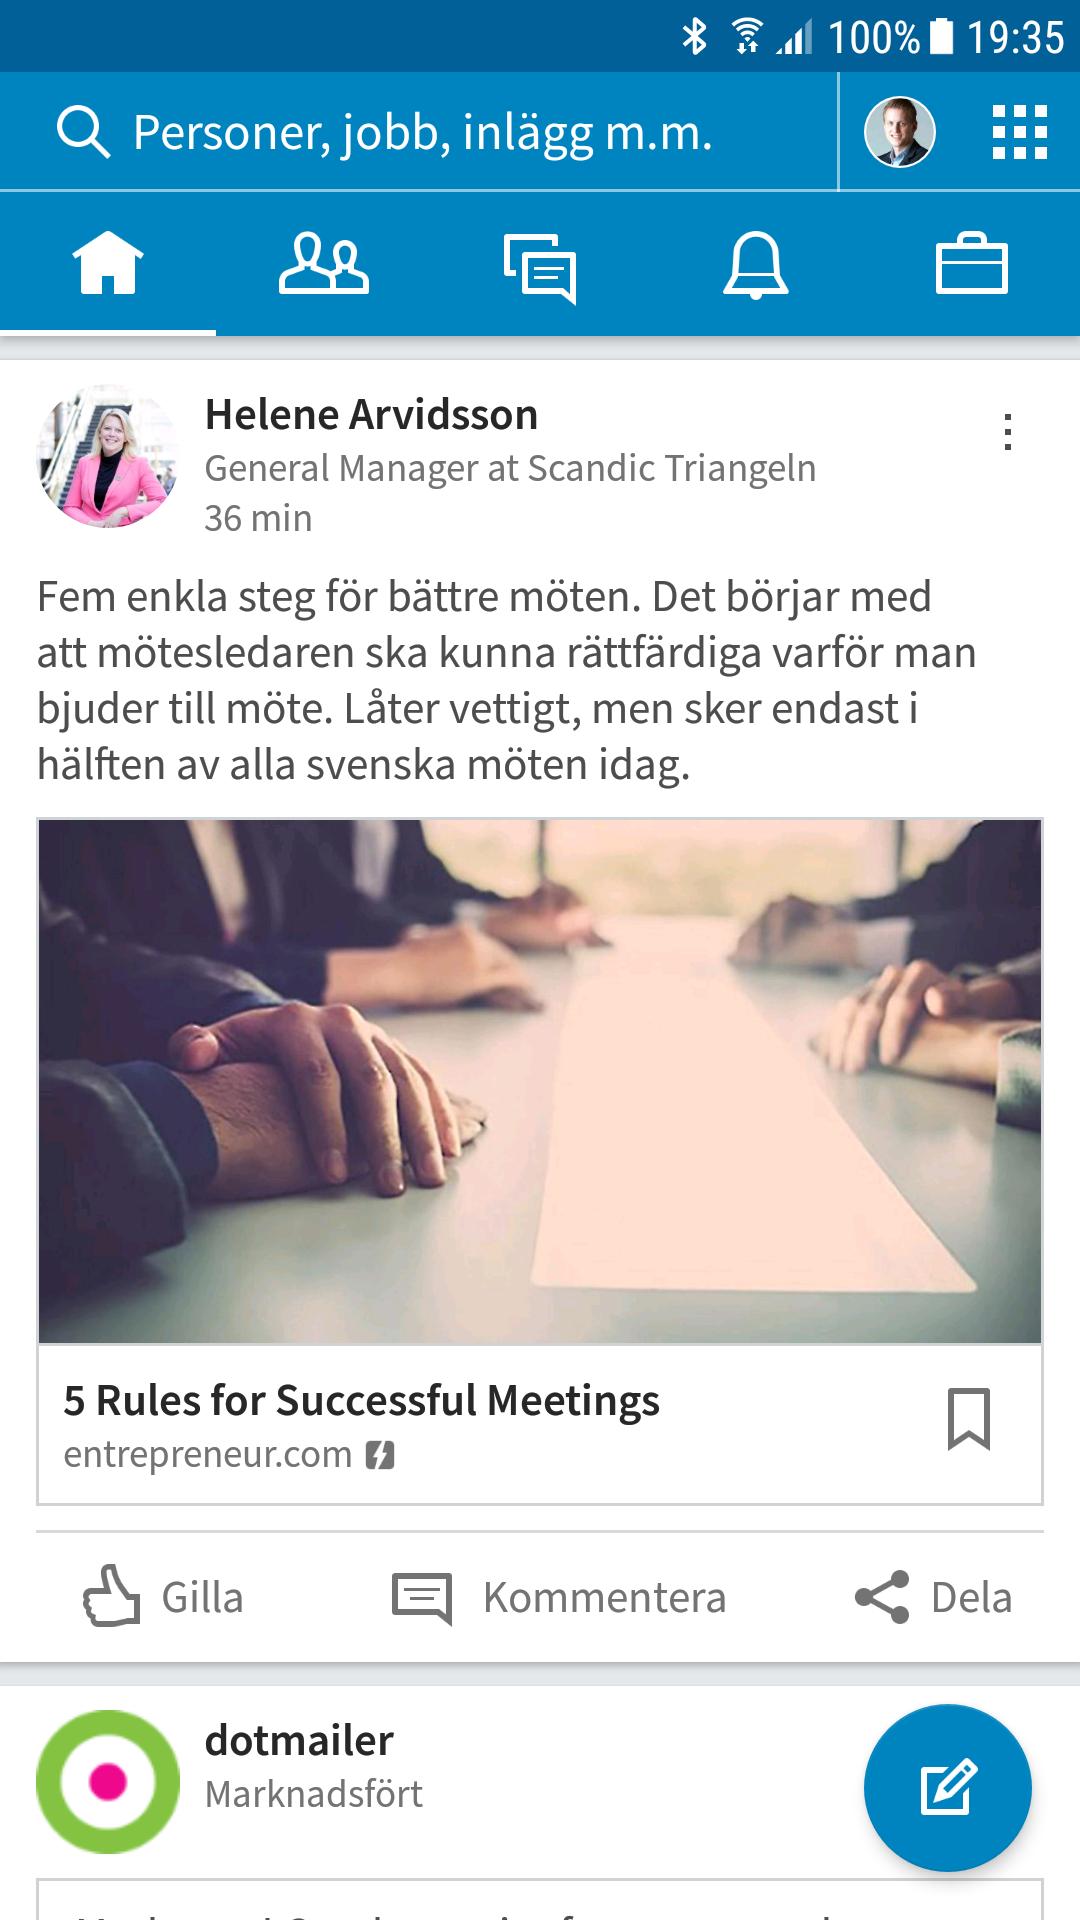 företagsblogg tips